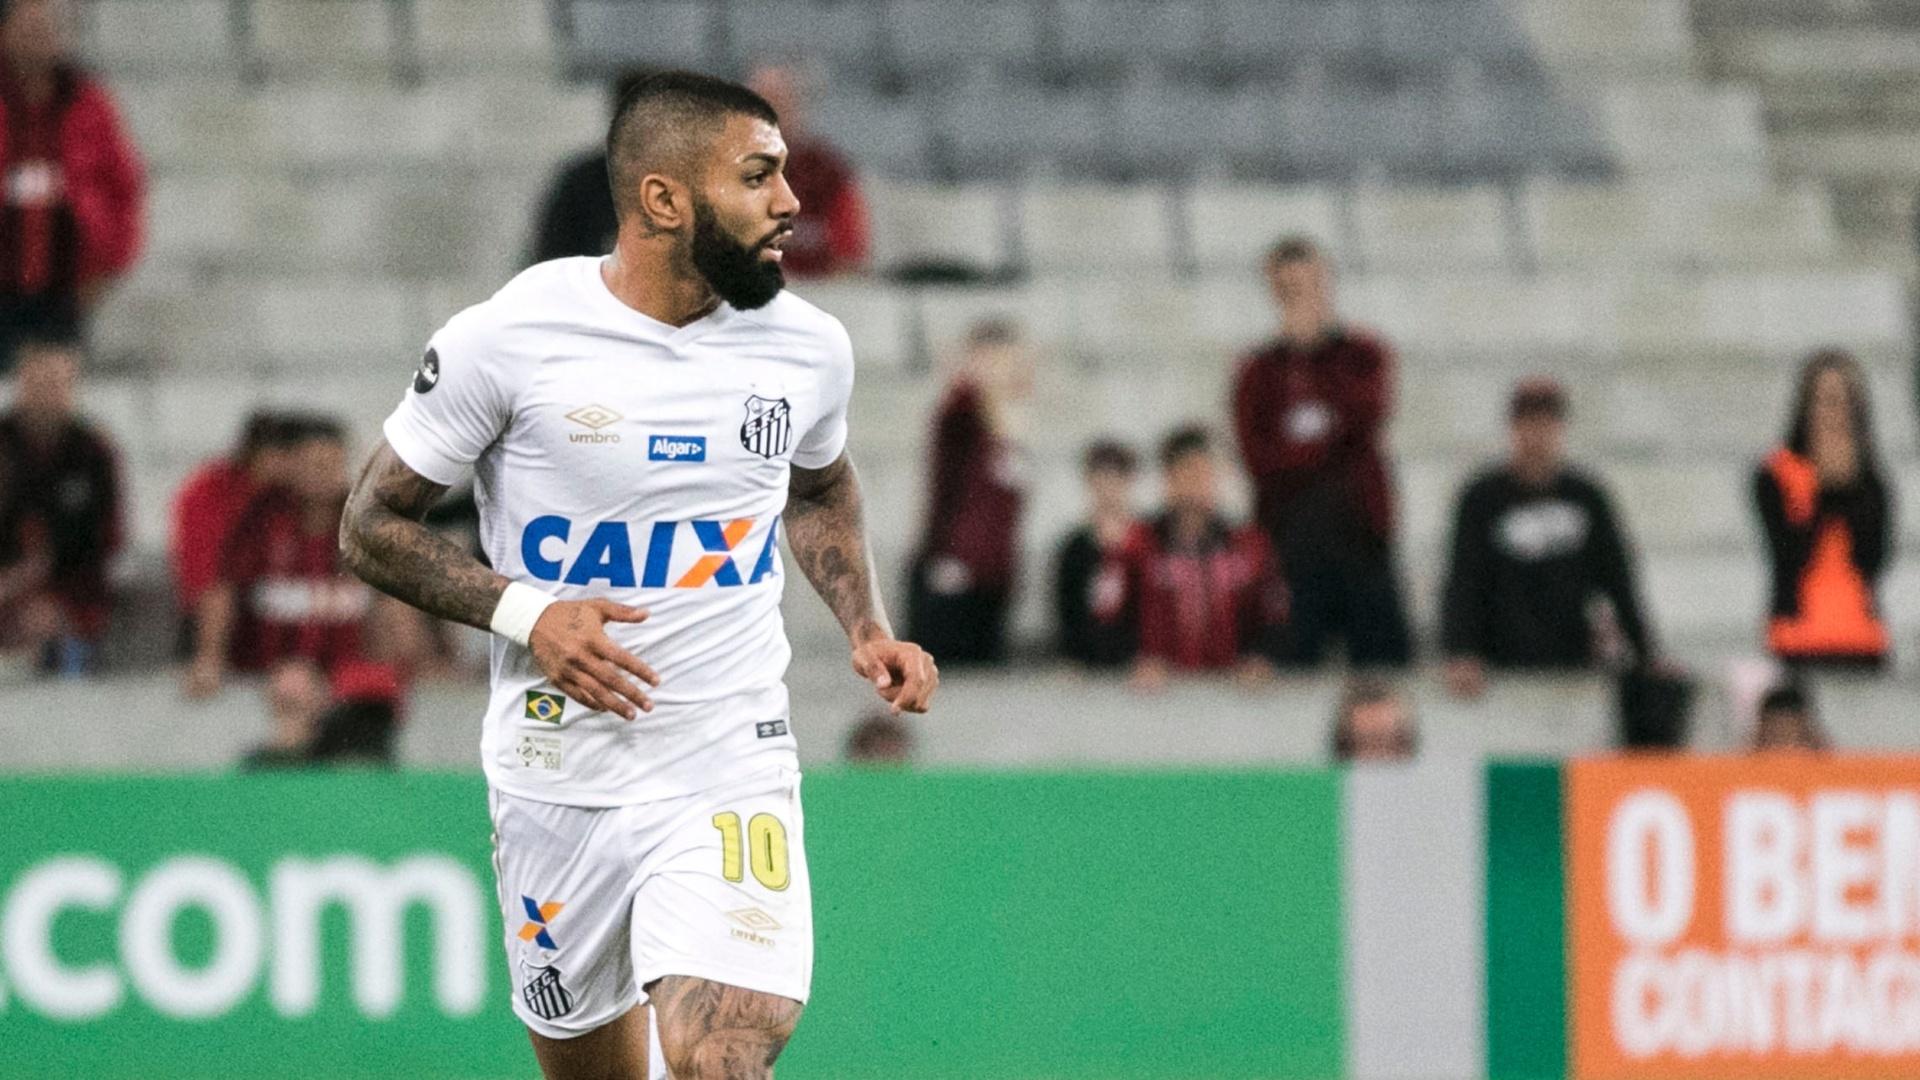 Gabigol segura a bola durante jogo entre Atlético-PR x Santos pelo Campeonato Brasileiro